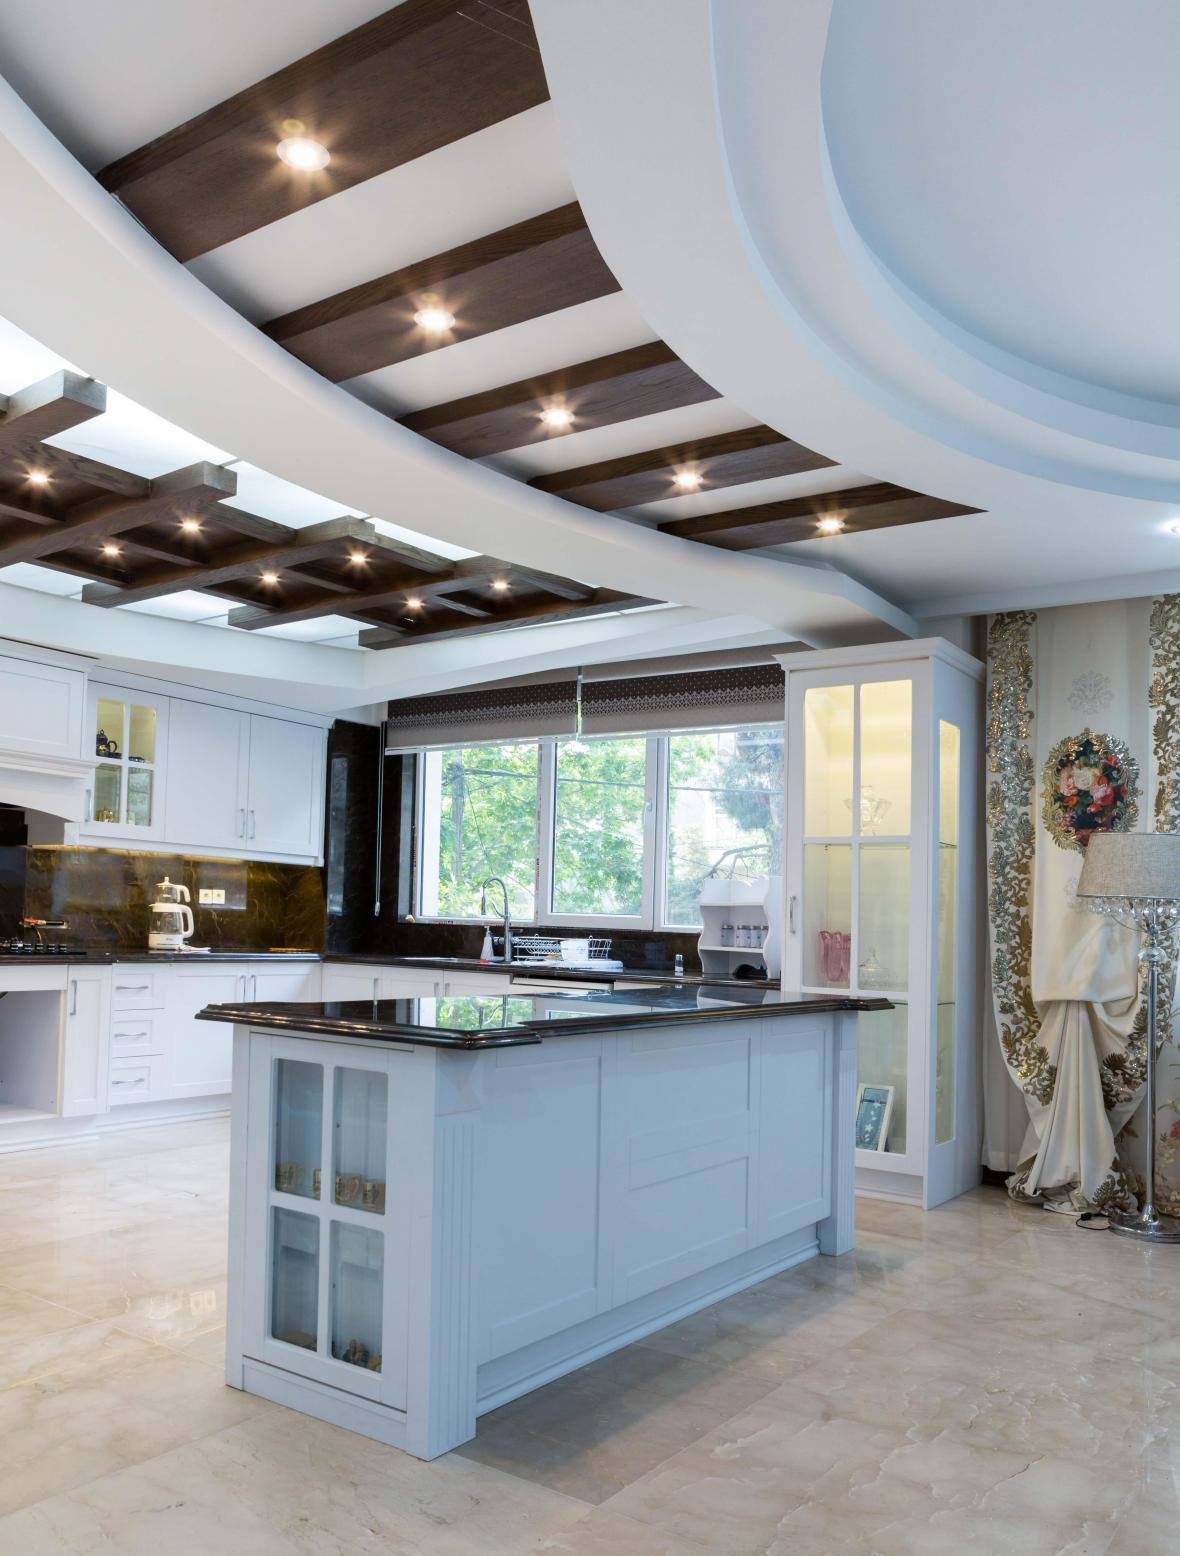 بازسازی آشپزخانه چه مراحلی دارد؟